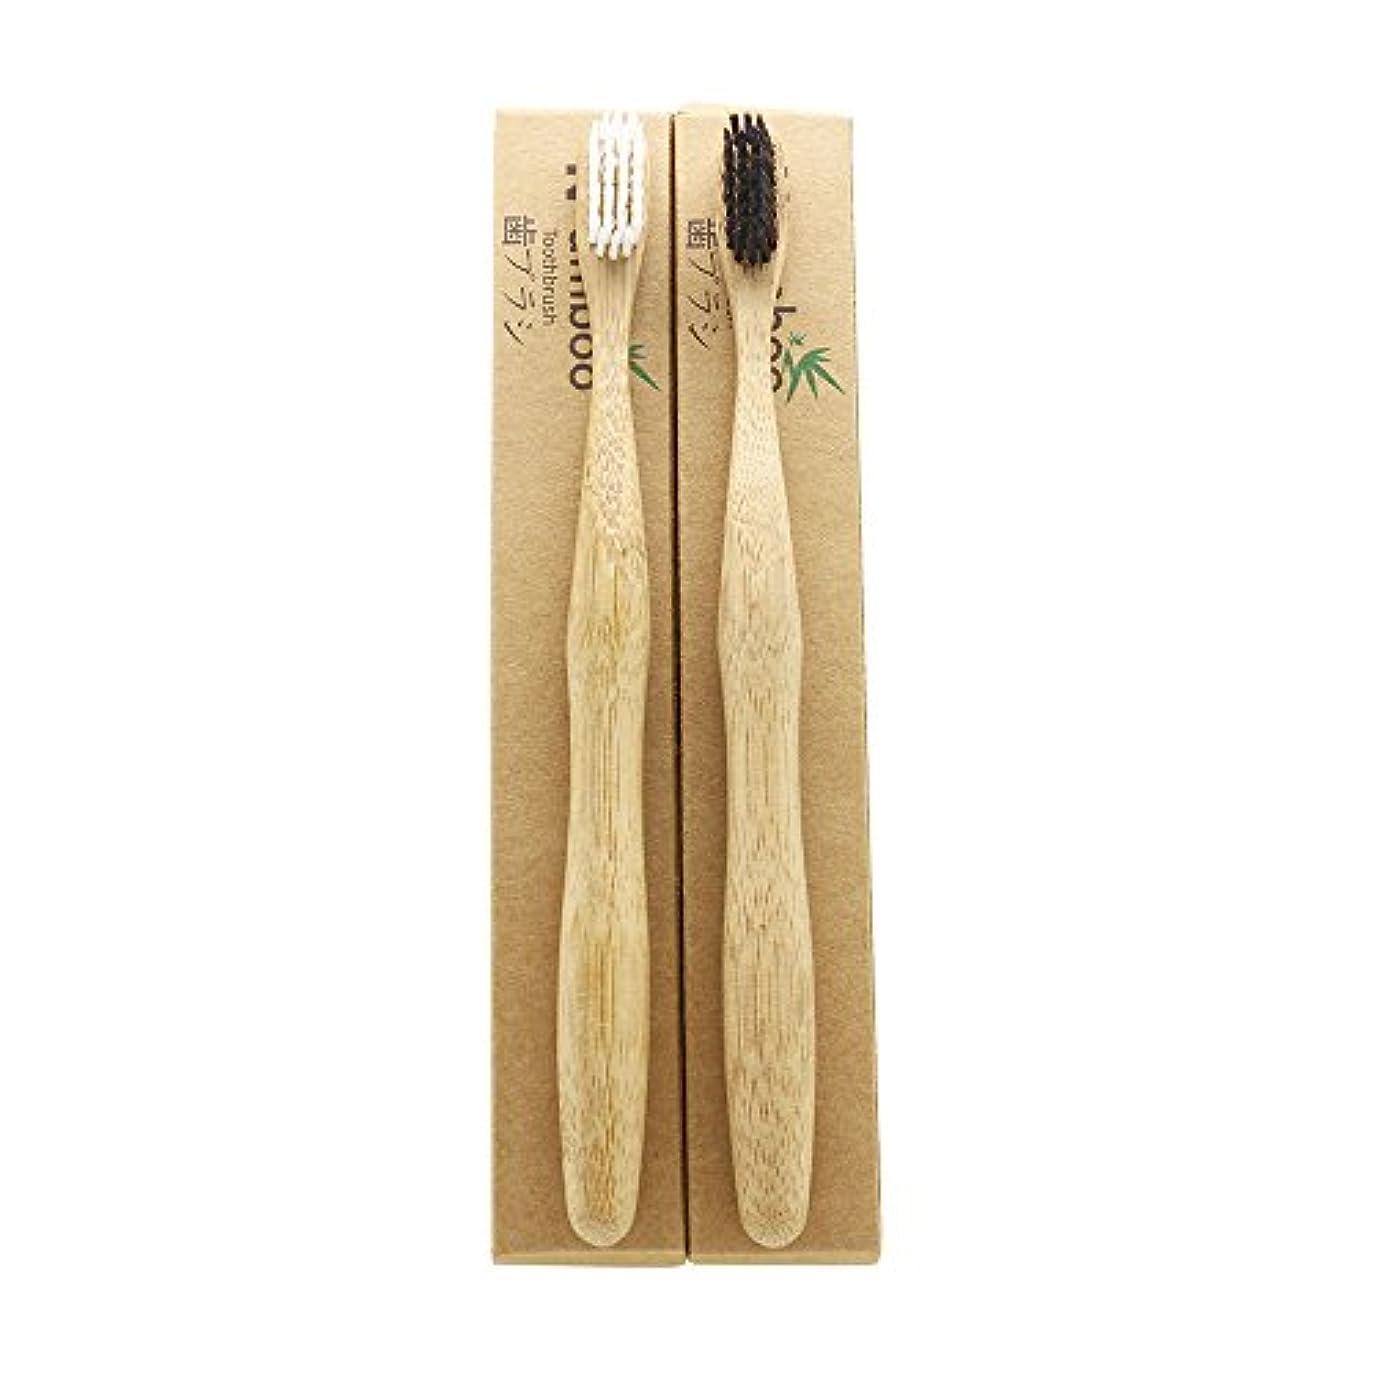 矩形平日ジャケットN-amboo 竹製 歯ブラシ 高耐久性 白と黒 セット エコ  (2本)